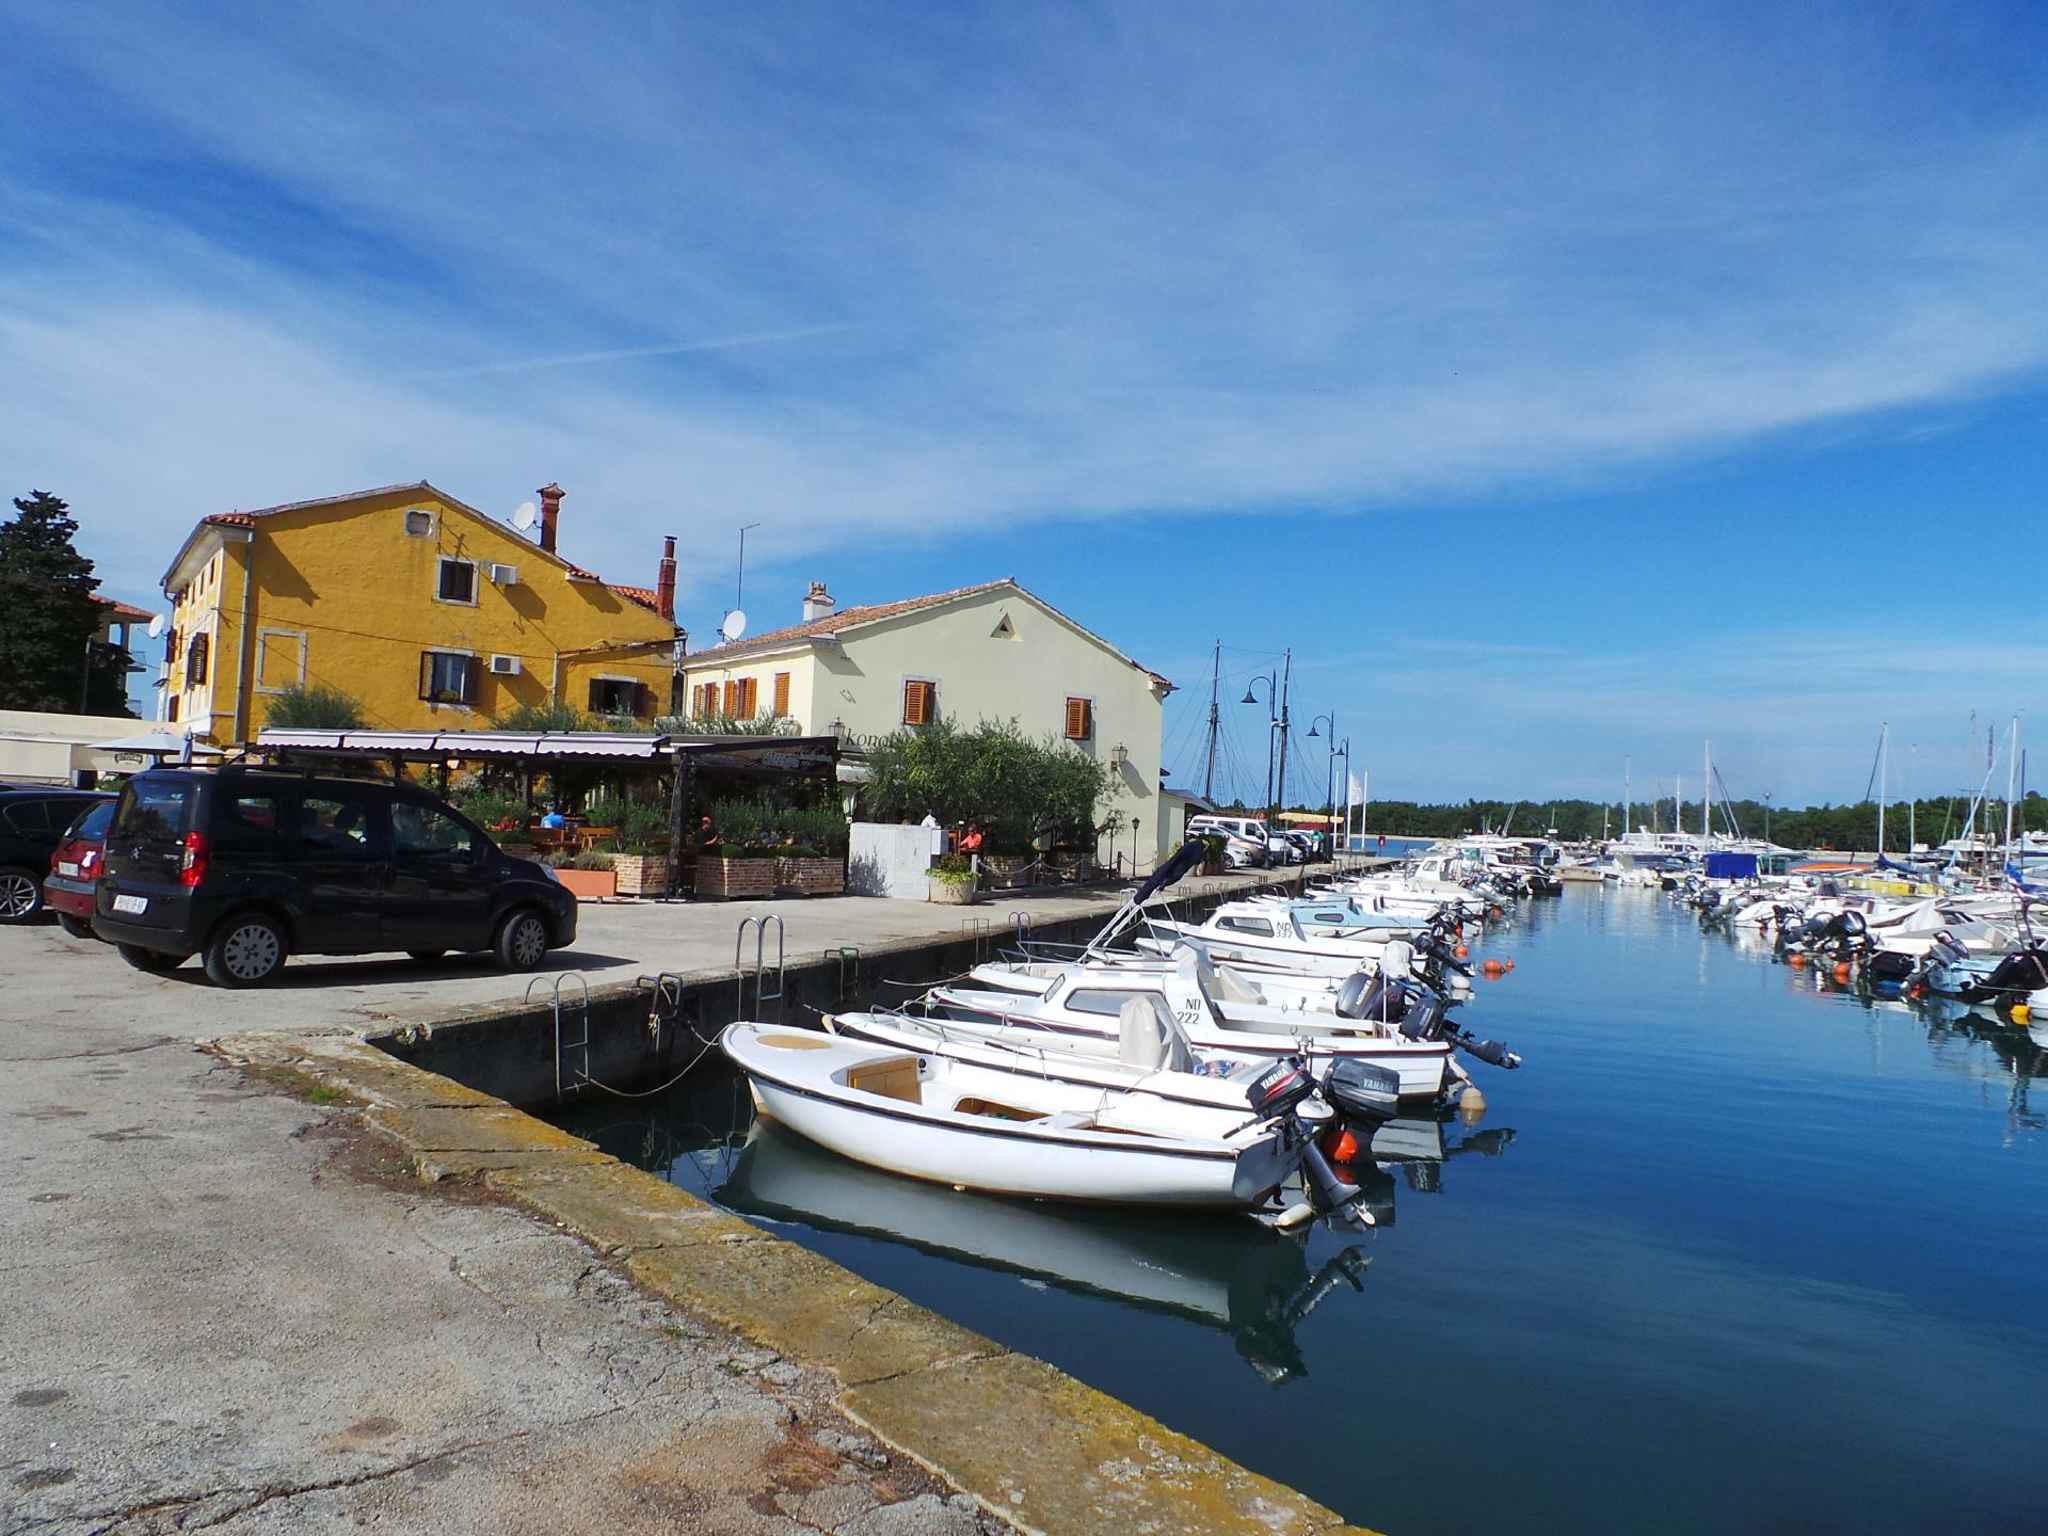 Ferienwohnung in Adrianähe mit Meerblick (278894), Zadar, , Dalmatien, Kroatien, Bild 37